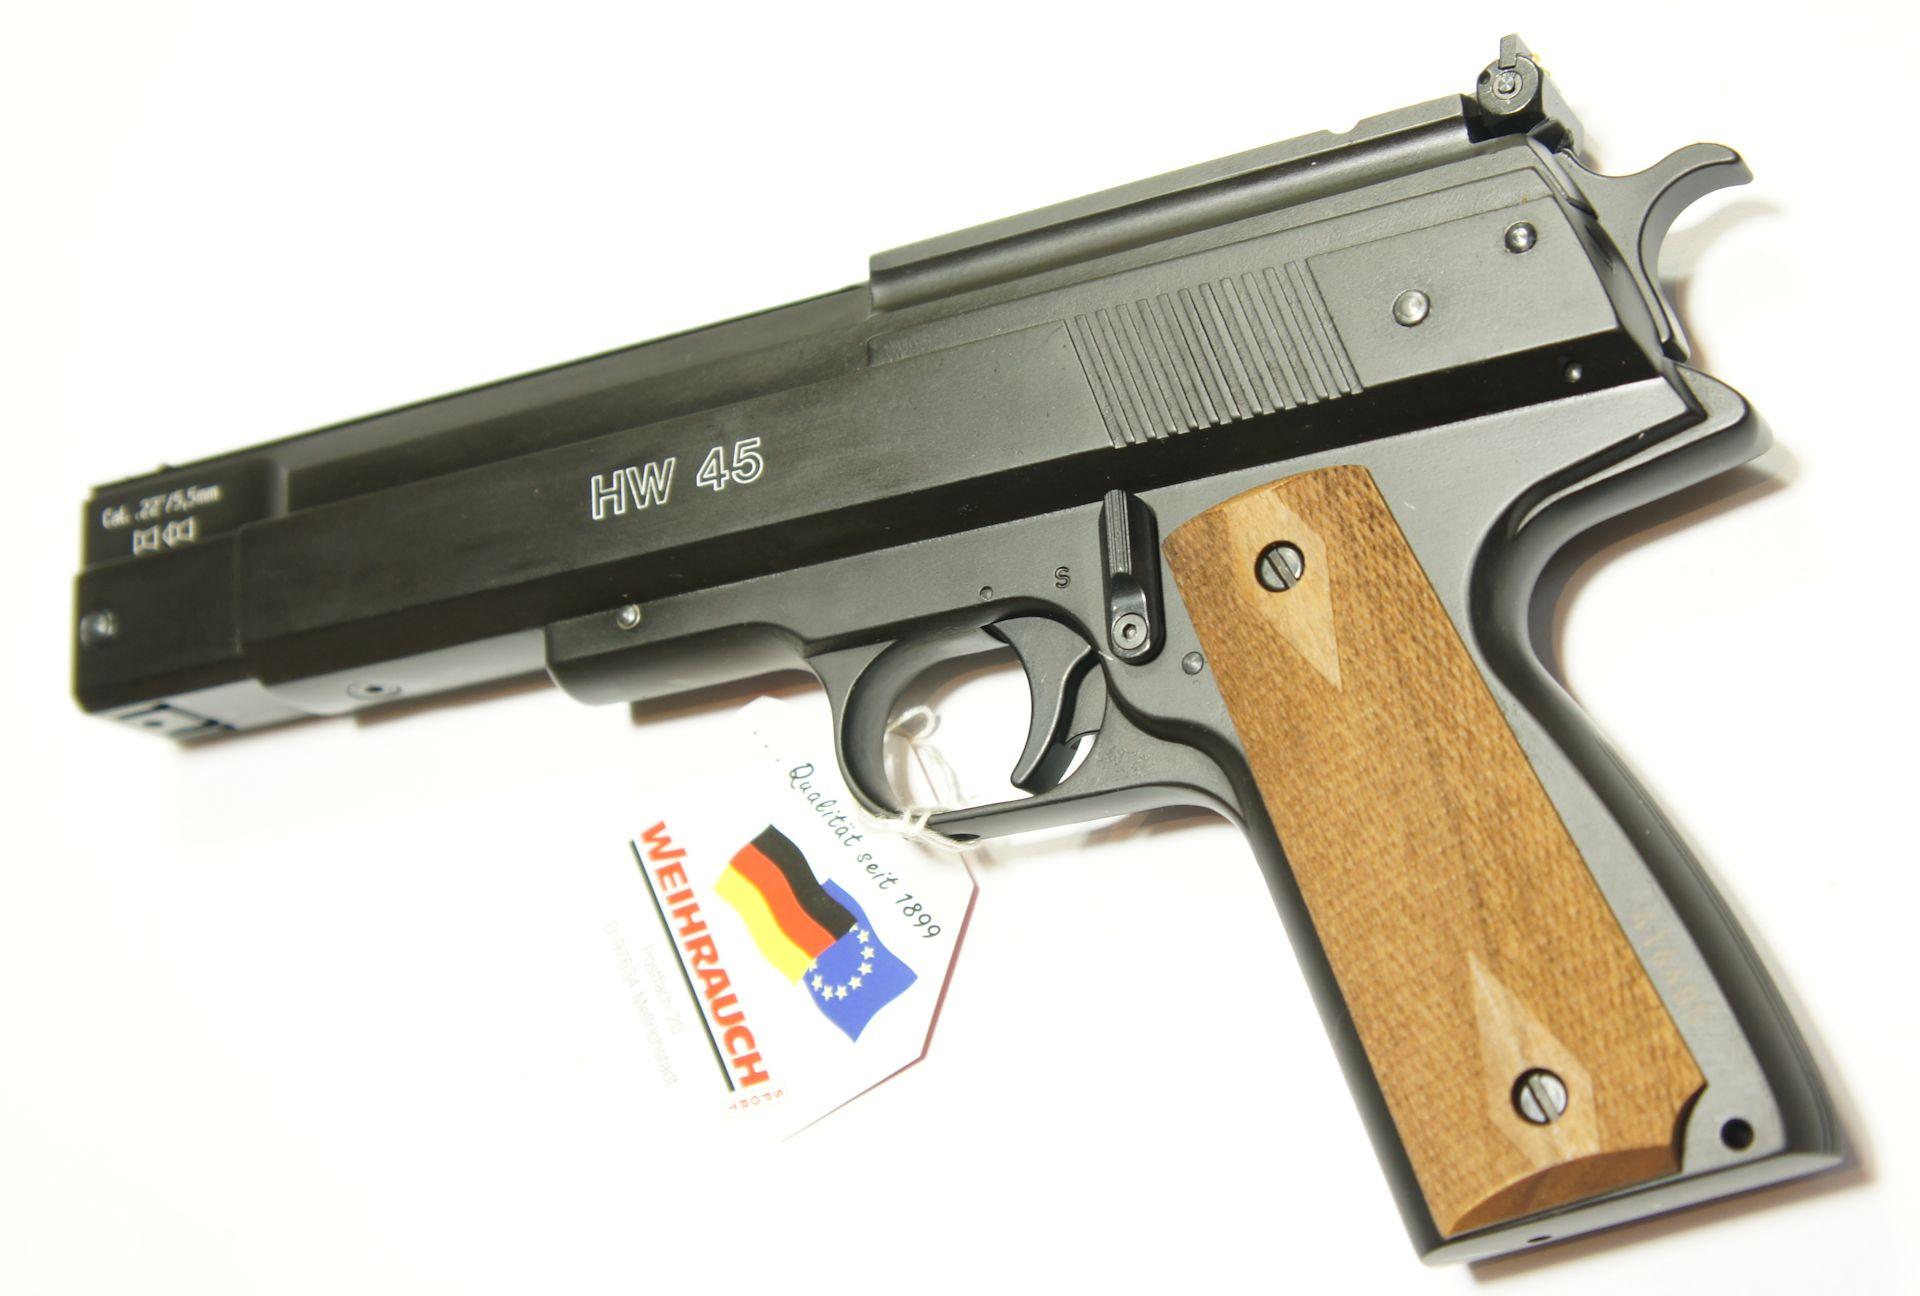 Luftpistole HW 45 in schwarz und mit hölzernen Griffschalen